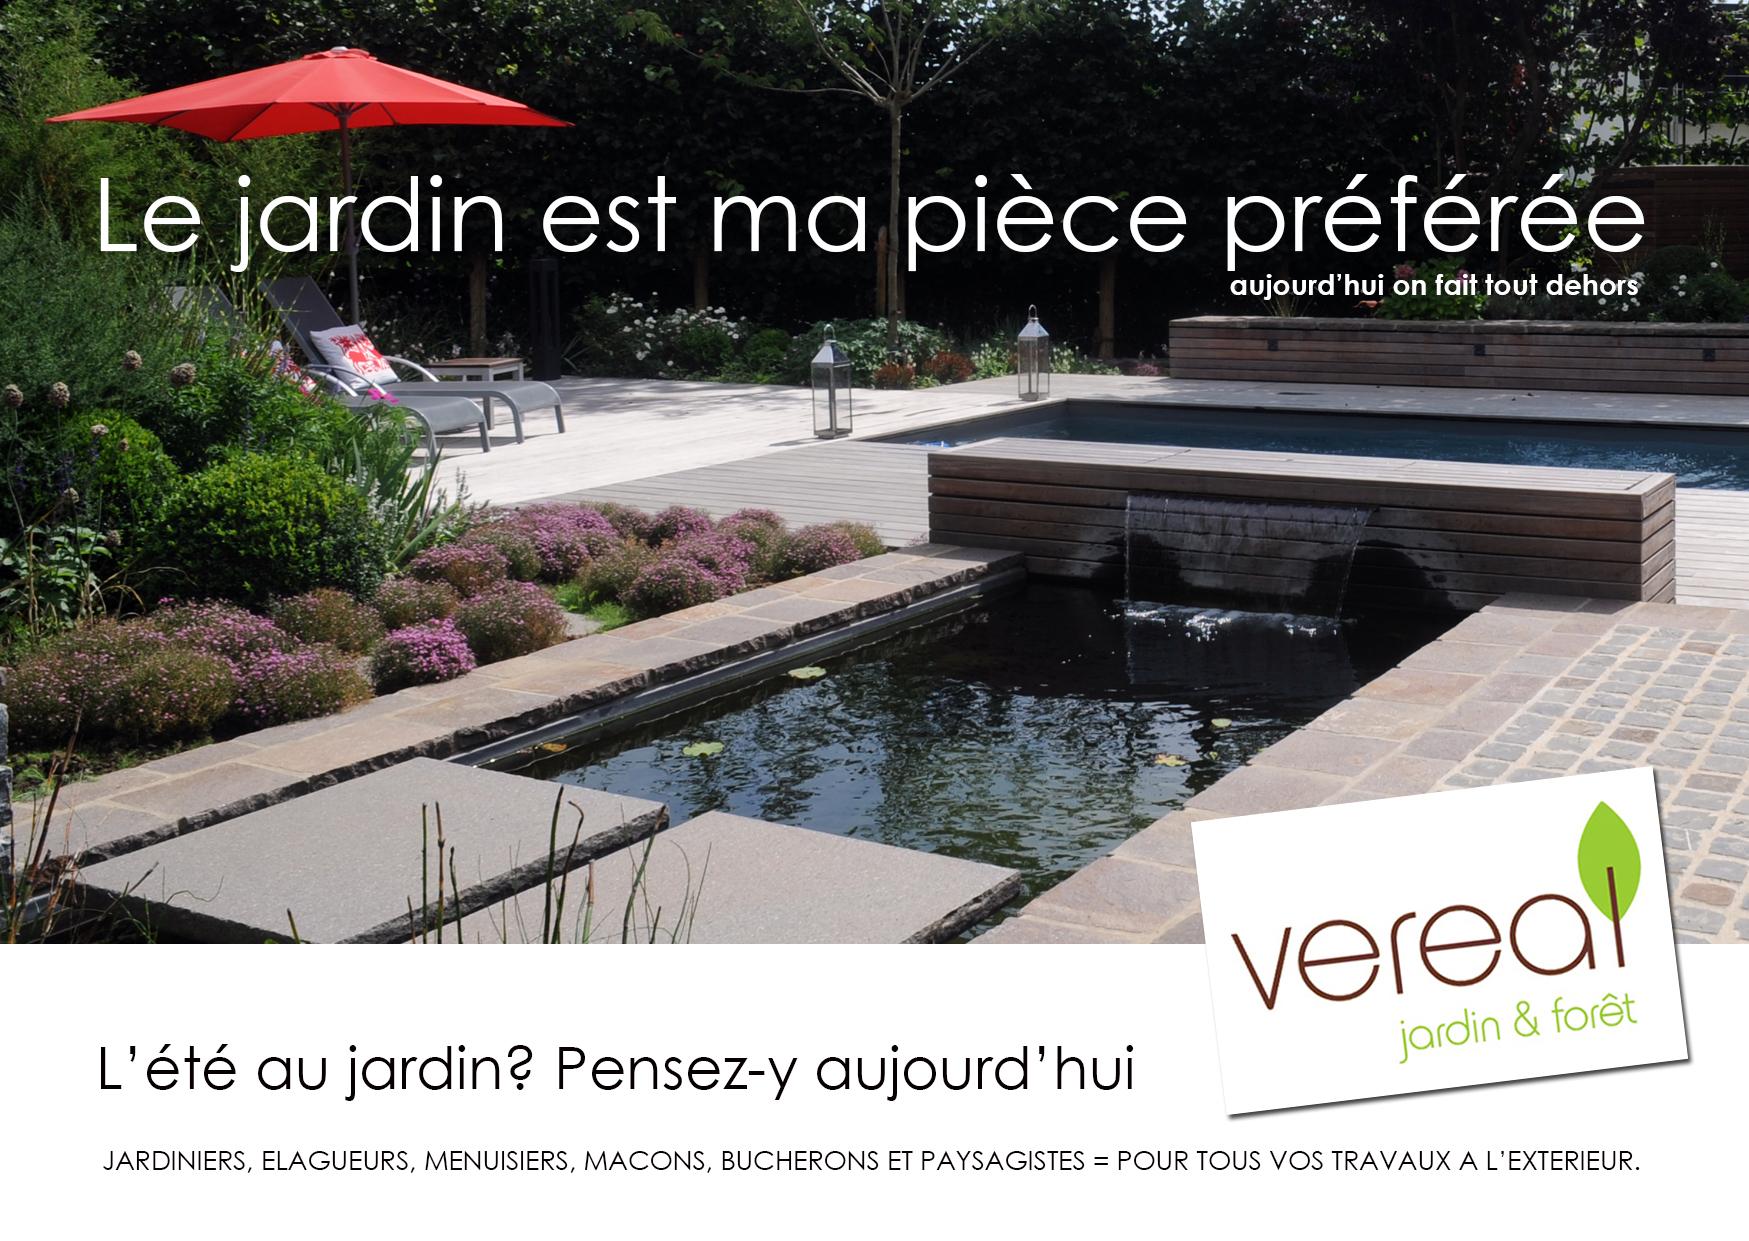 Nouveaut s vereal for Vive le jardin ales